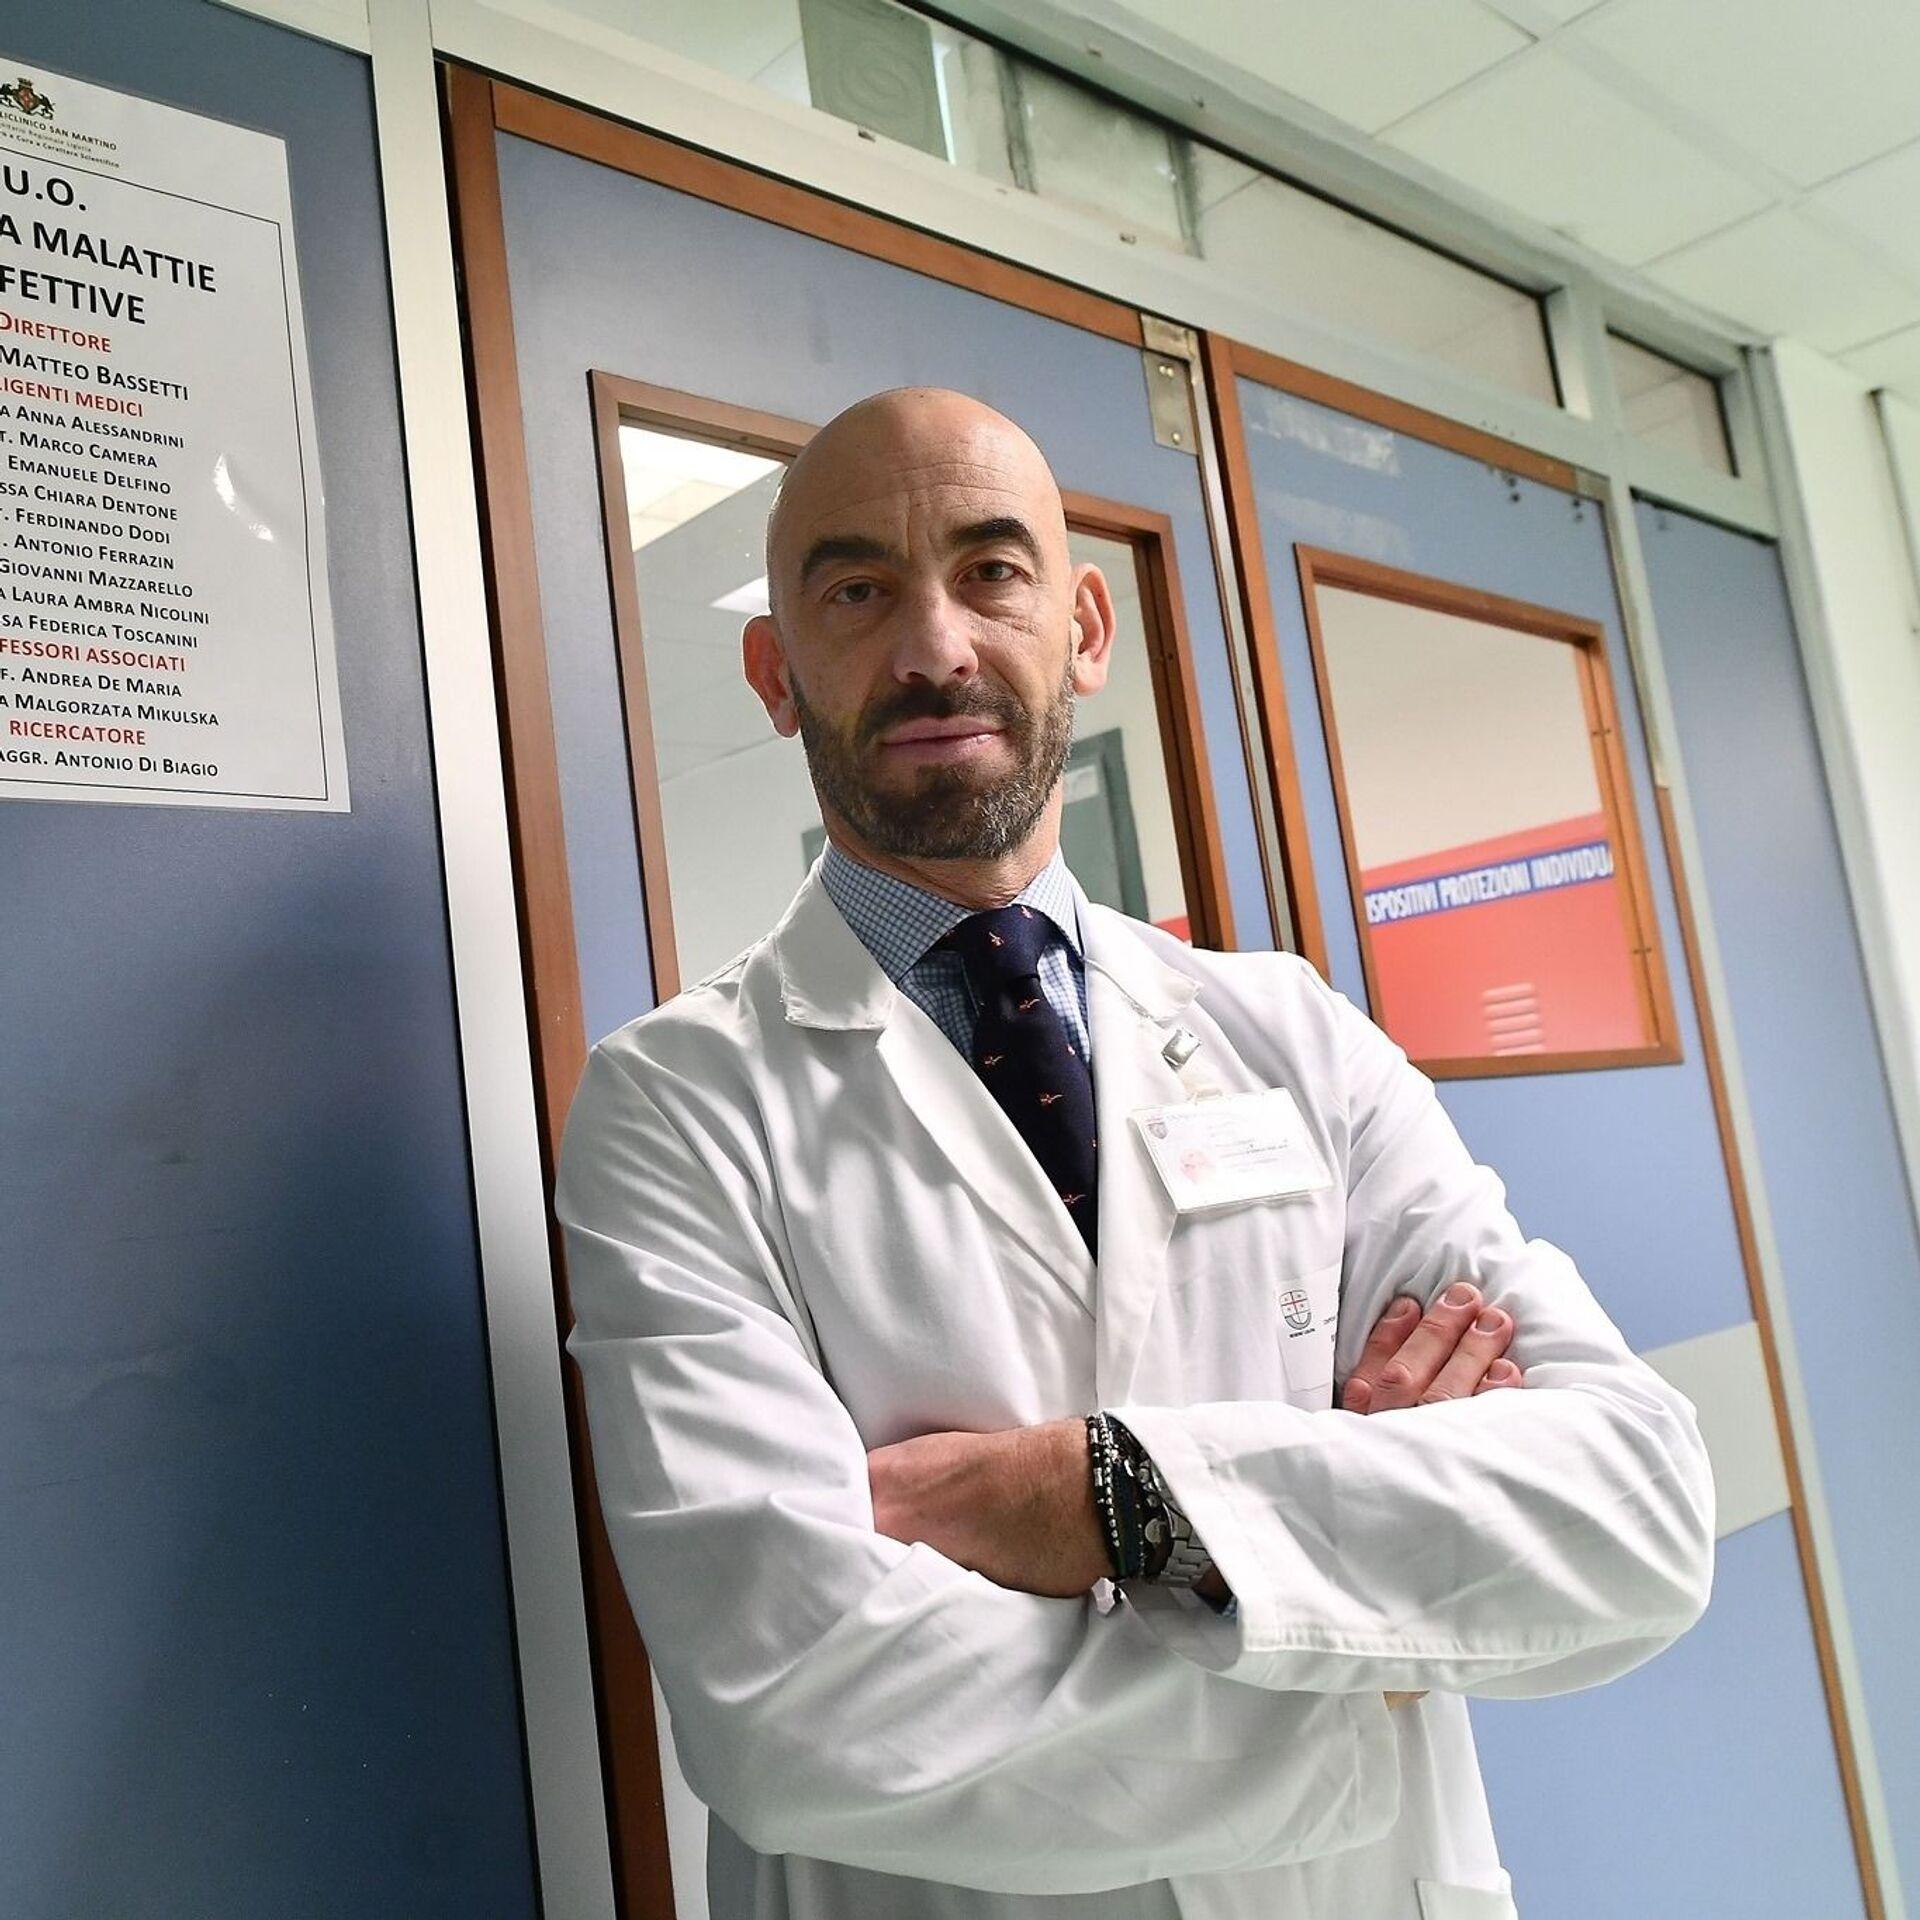 Matteo Bassetti, infettivologo, primario dell'ospedale San Martino di Genova - Sputnik Italia, 1920, 26.05.2021